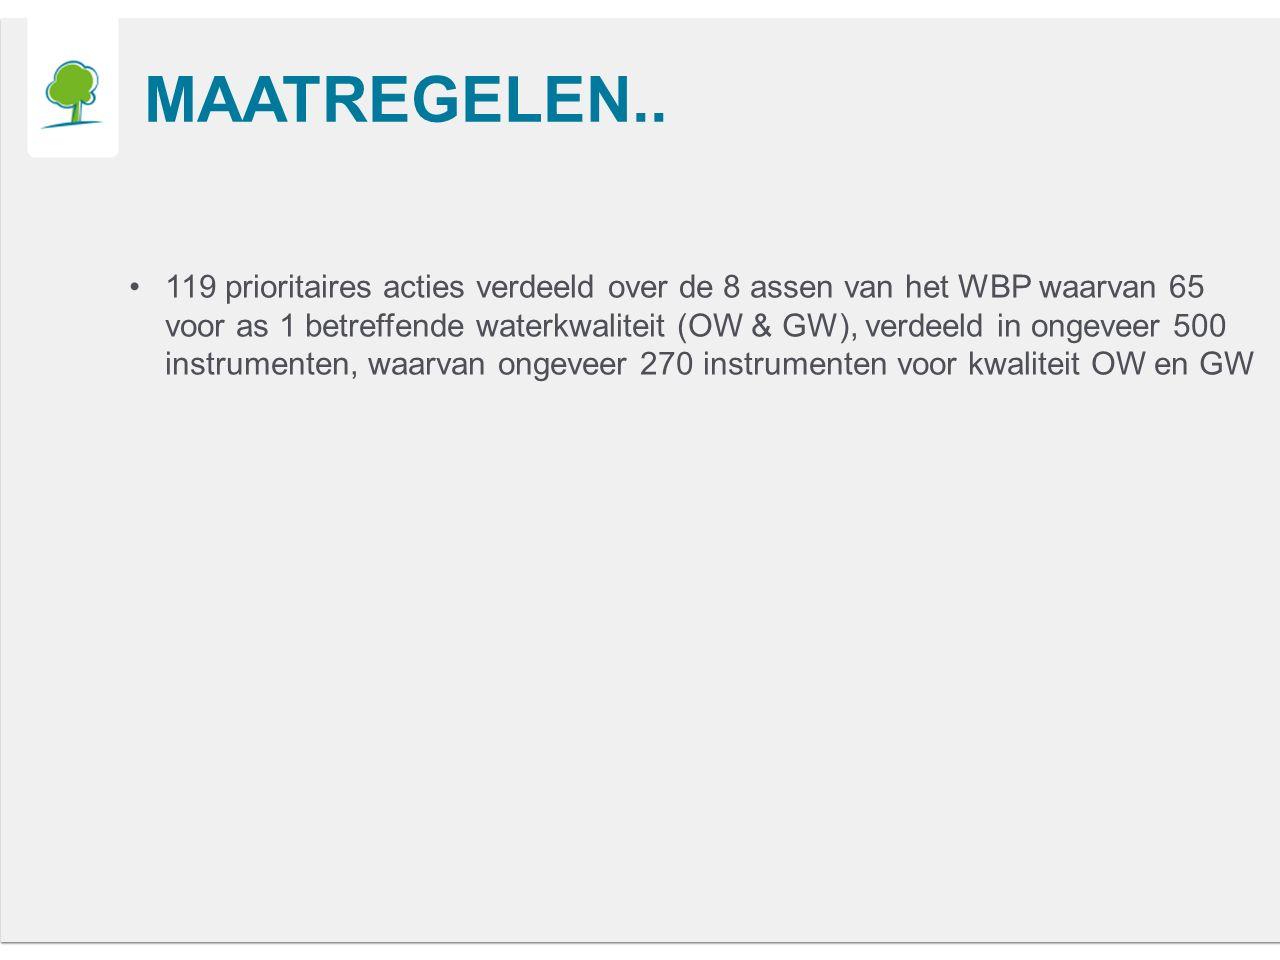 ZENNE - VERONTREINIGING 1)Monitoringsdata 2)Emissie-inventaris 3)Expert judgement  Zenne is meest verontreinigde rivier  ongeveer 75 à 80% van de vuilvracht  Twee WZI's  Overstorten